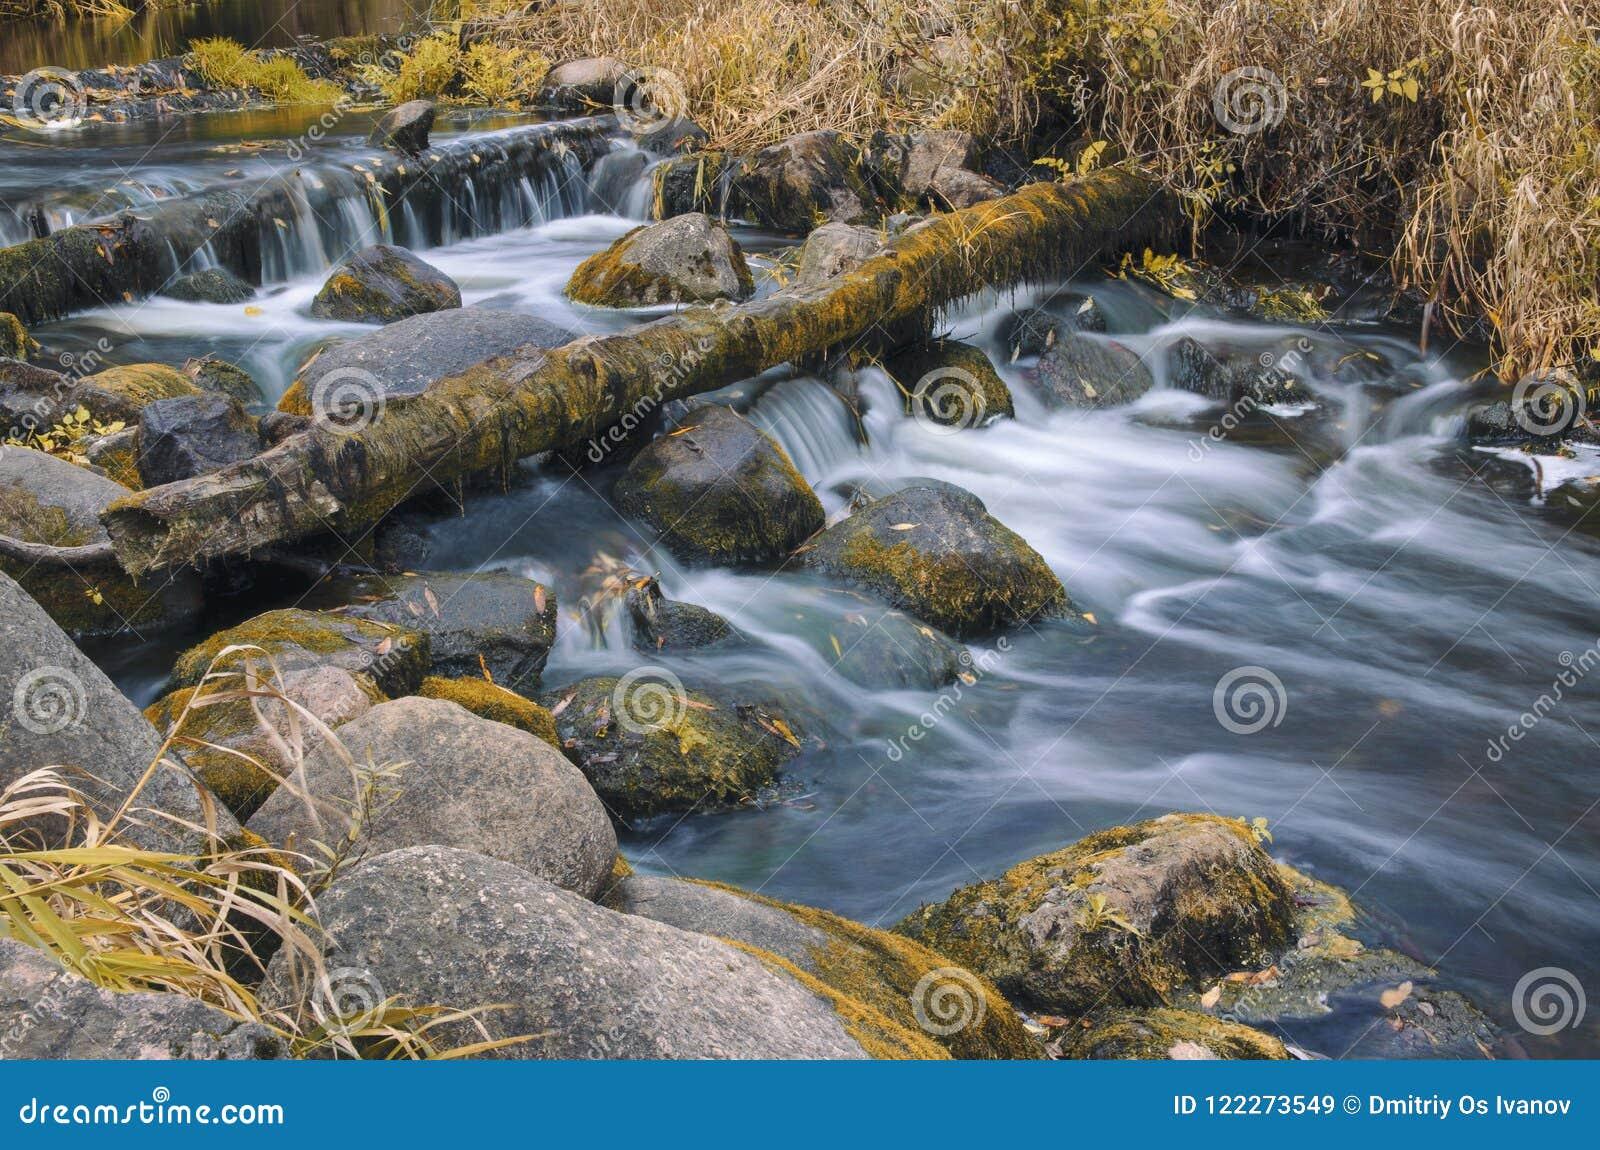 De herfstlandschap met een rivier die regelmatig tussen de keien stromen